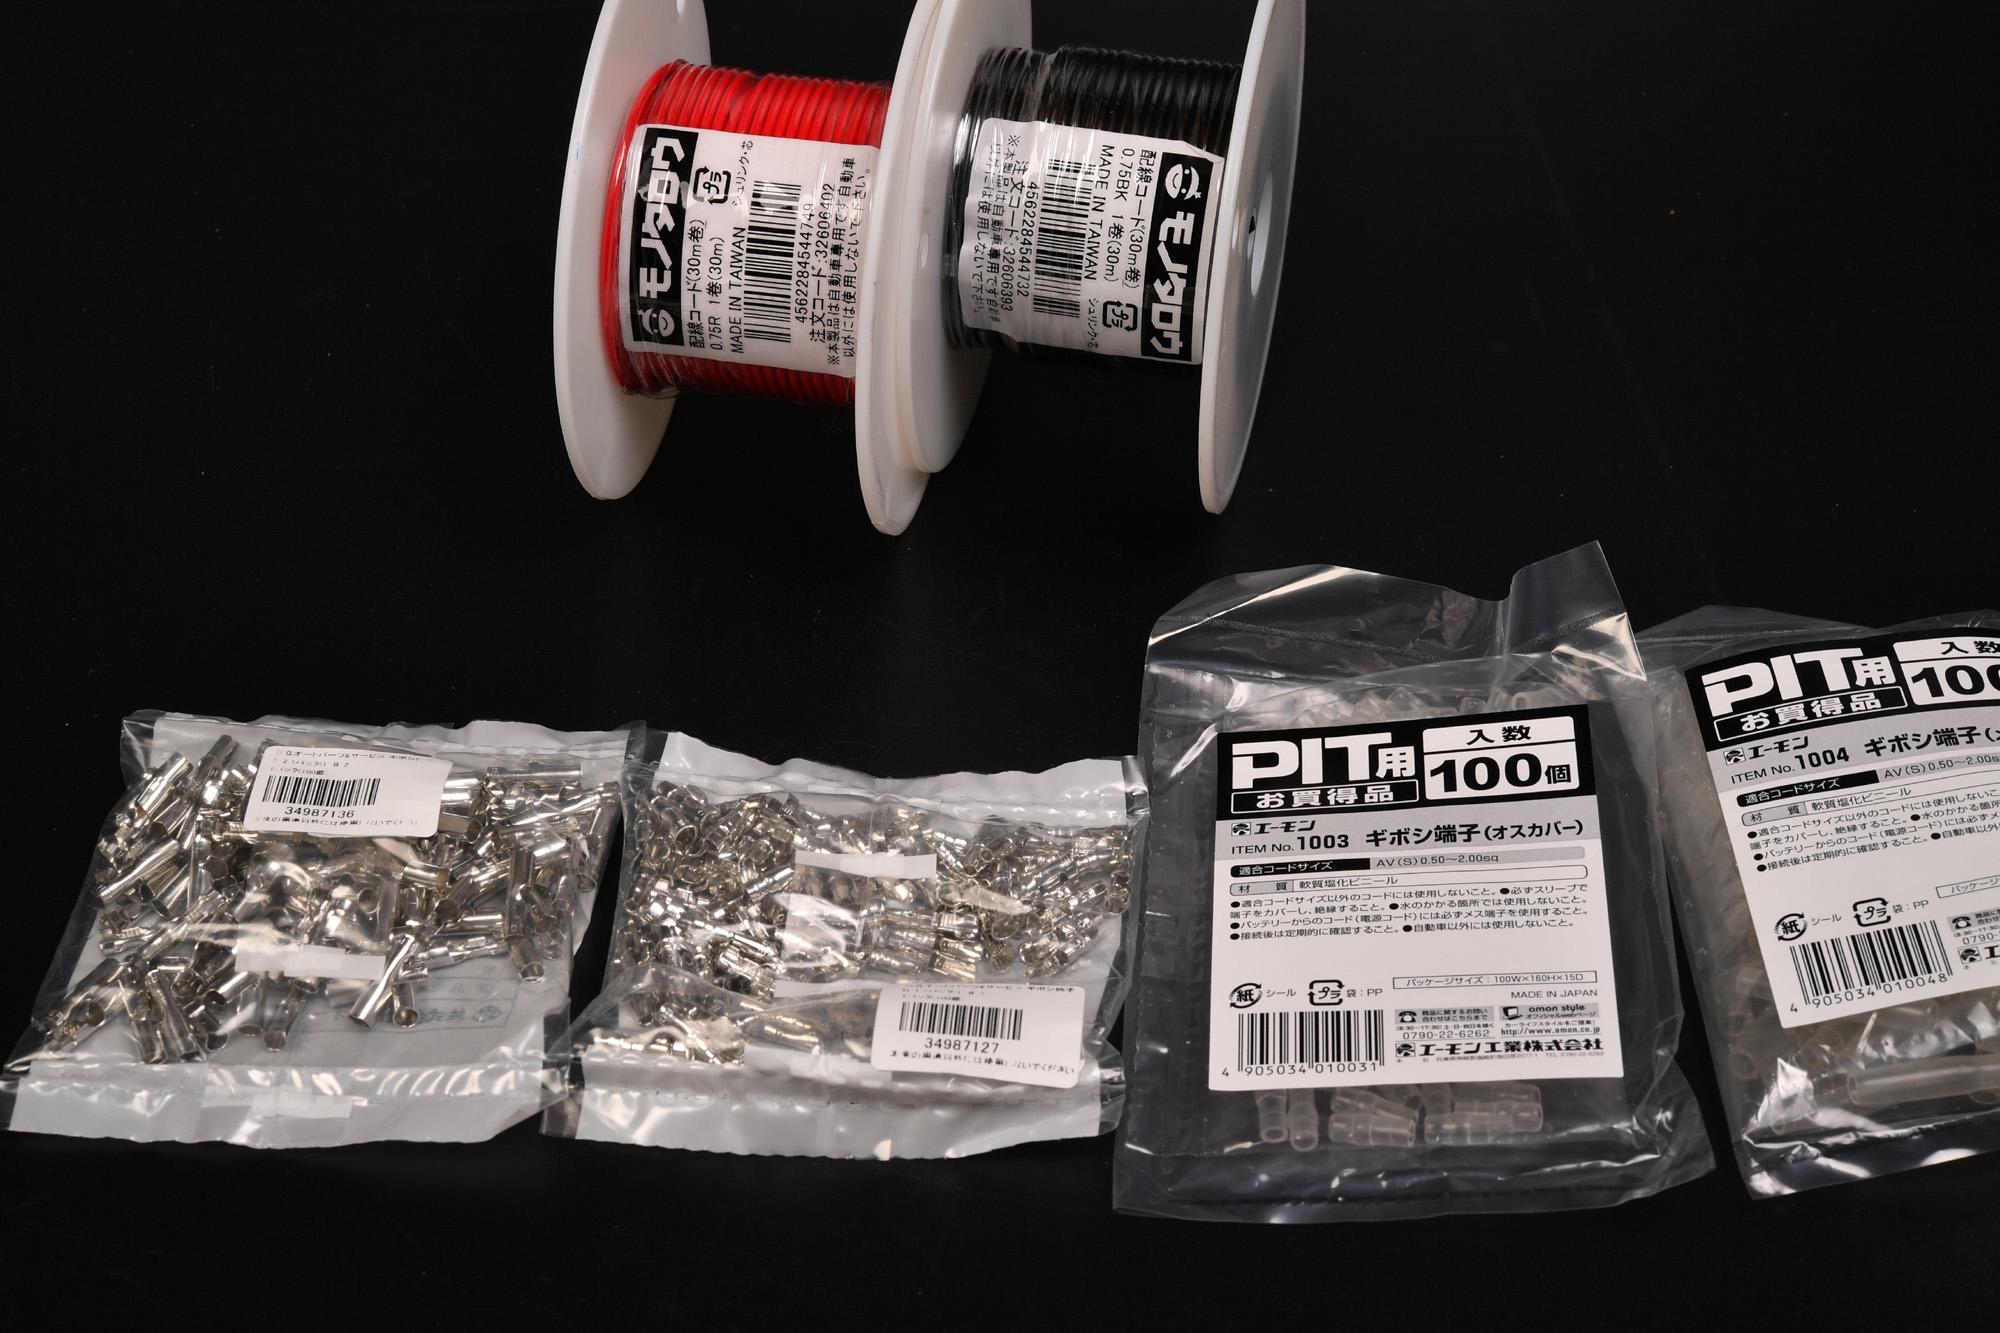 キボシ100セットと配線コード 0.75R 赤 黒 購入